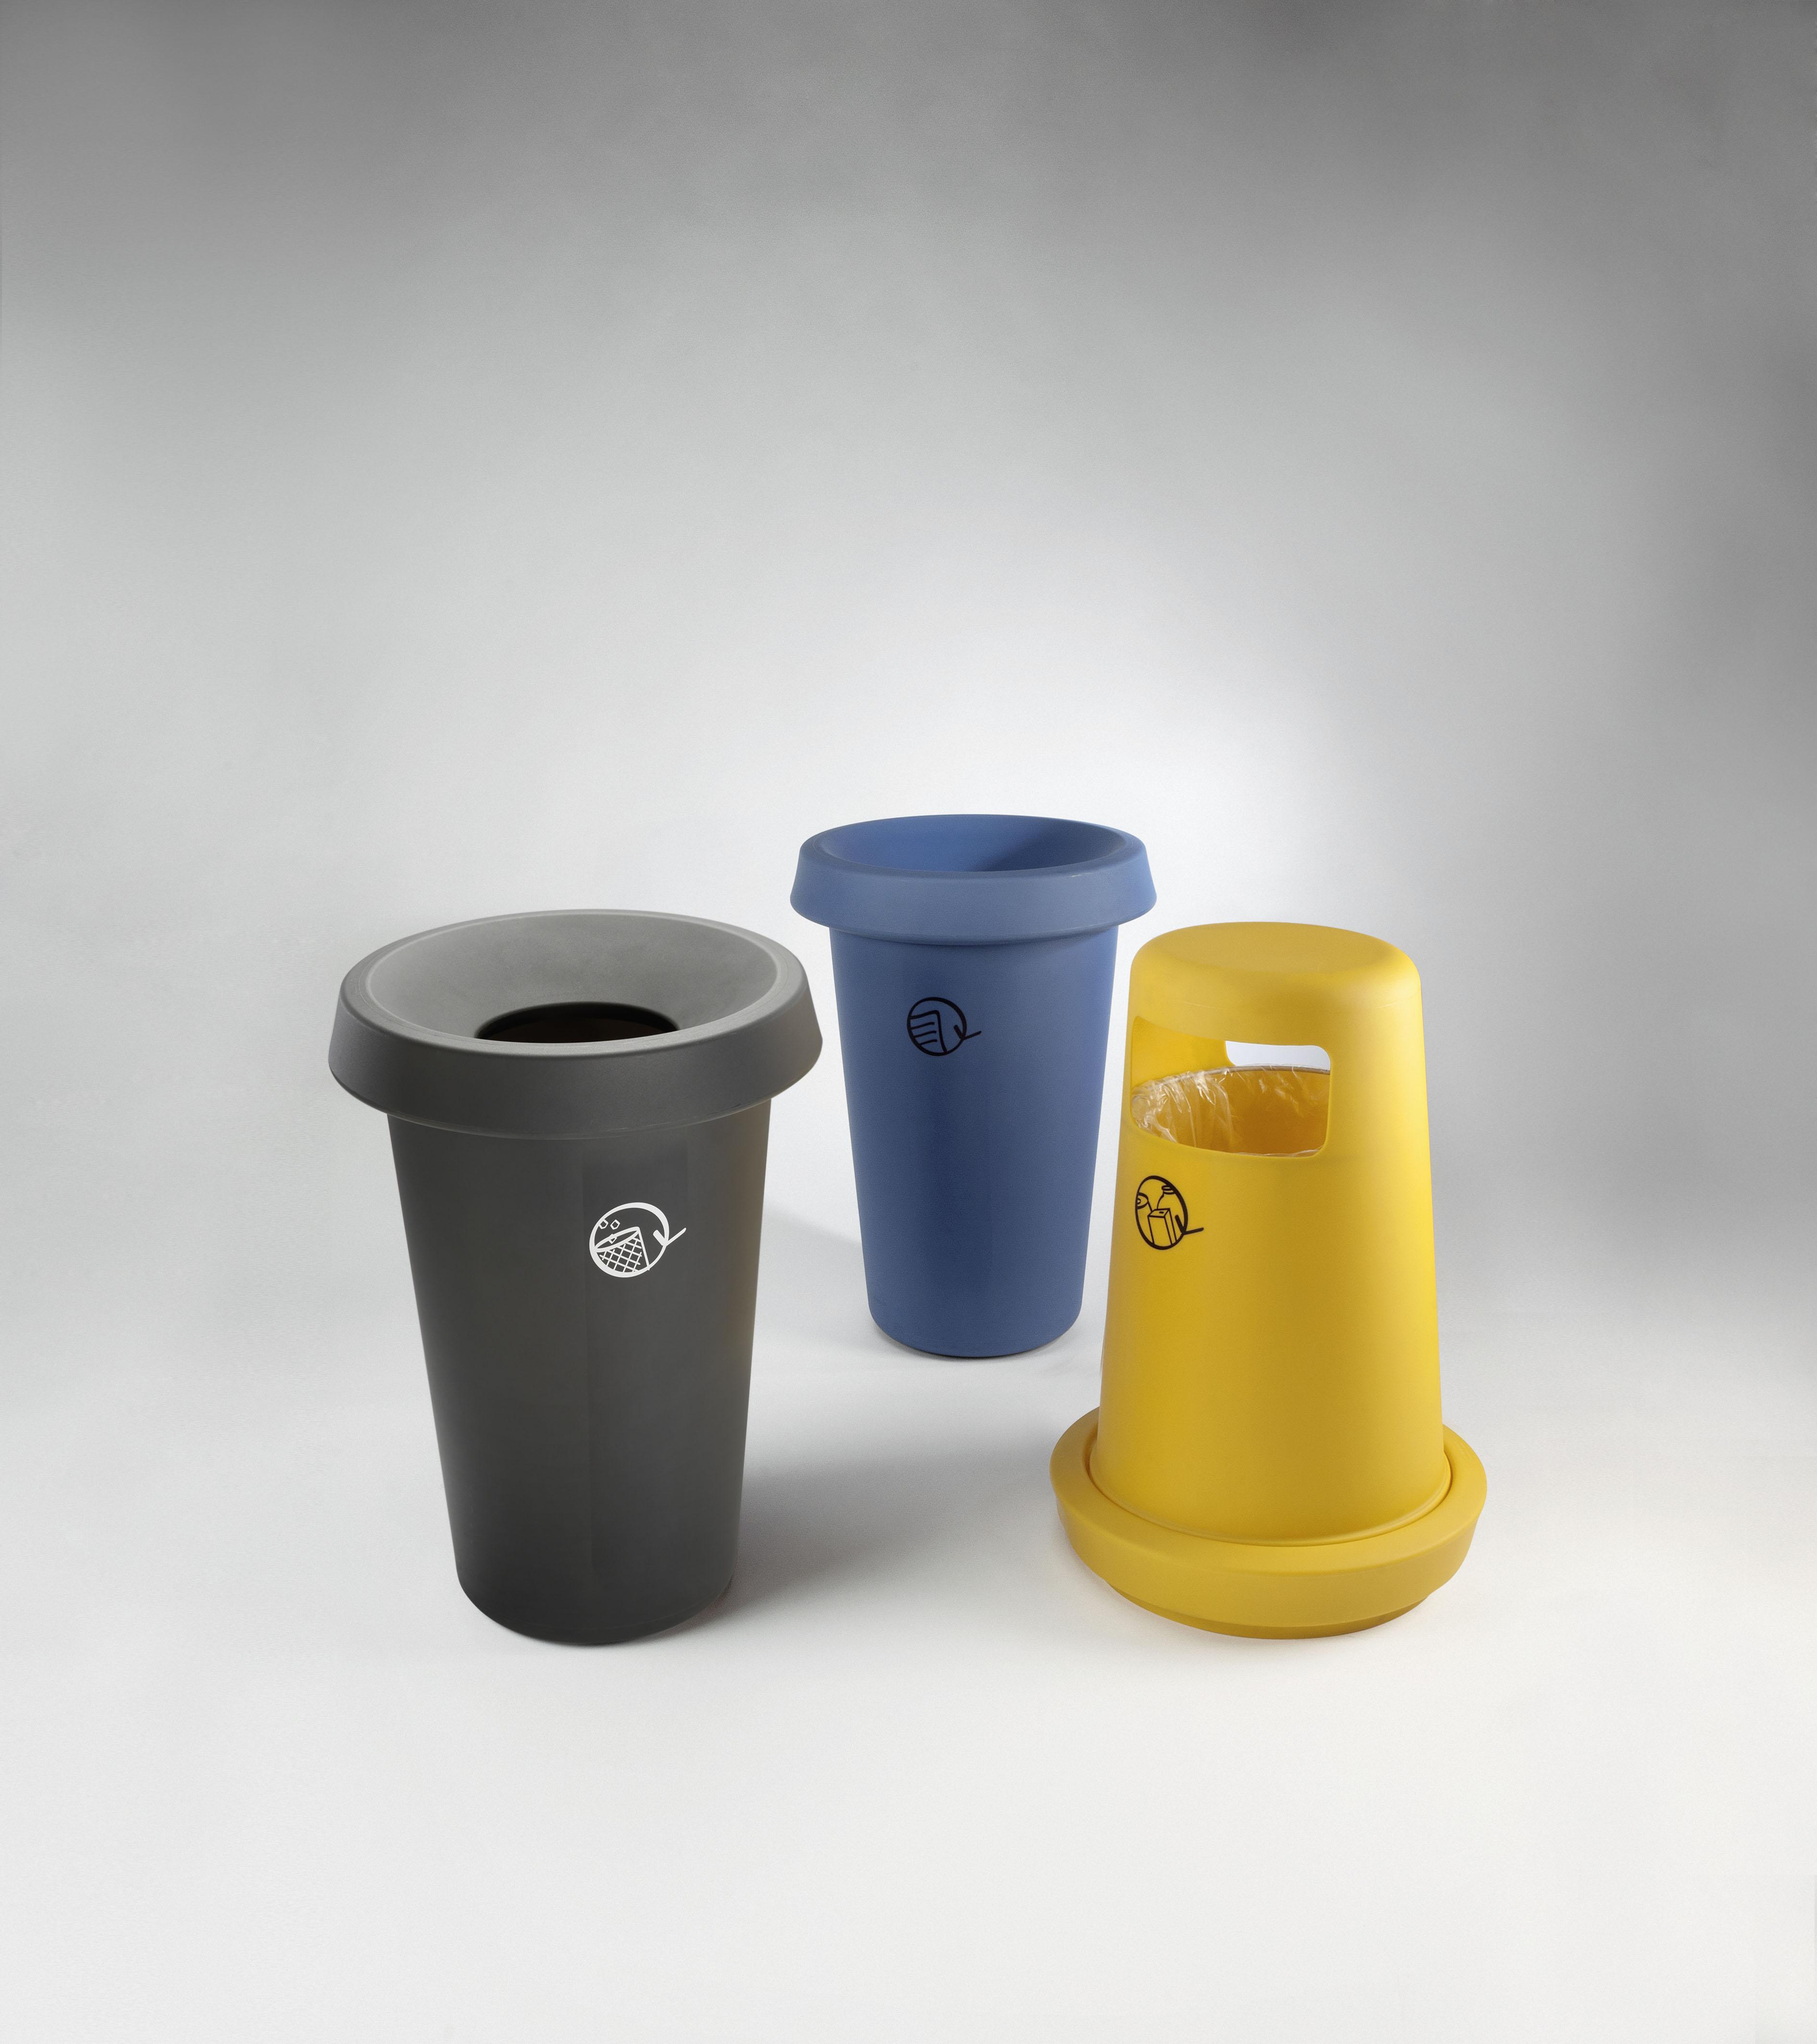 Giro Giro affaldskurve og affaldsspande